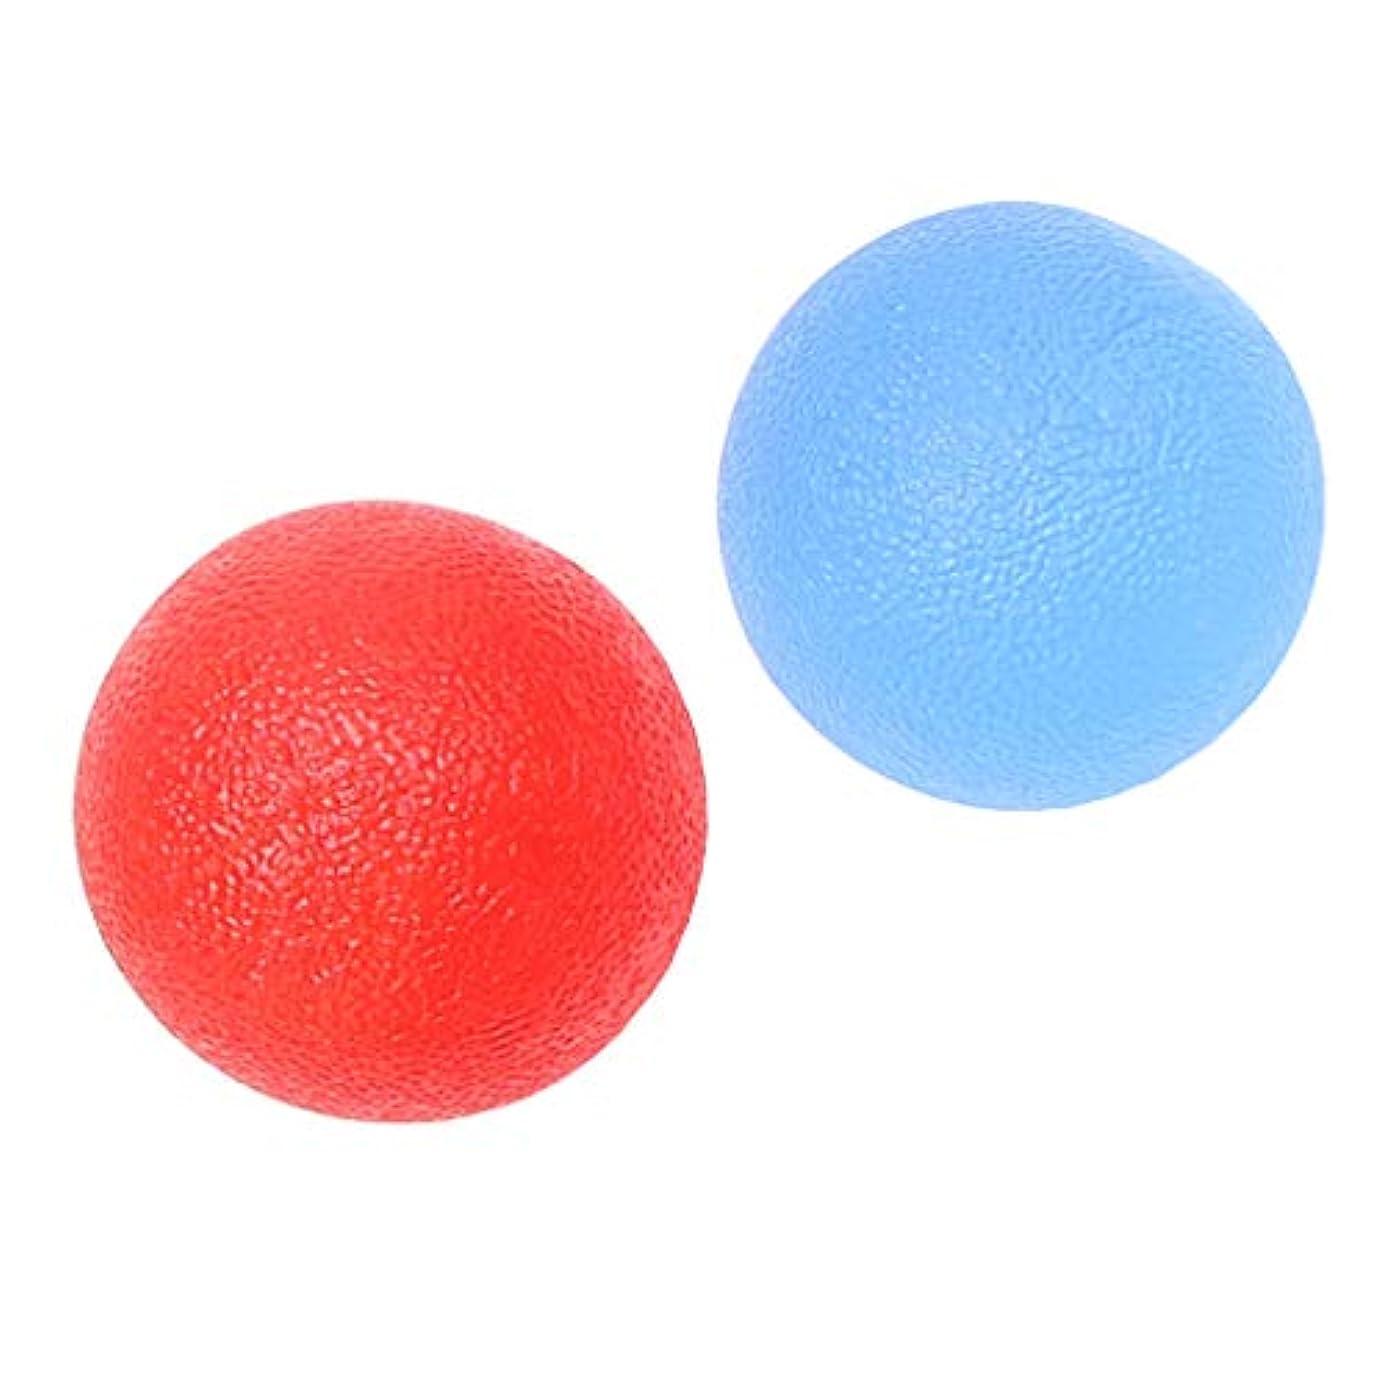 全国心理的資本主義2個 ハンドエクササイズボール ハンドグリップ シリコン 指トレーニング ストレス緩和 柔軟 赤/青